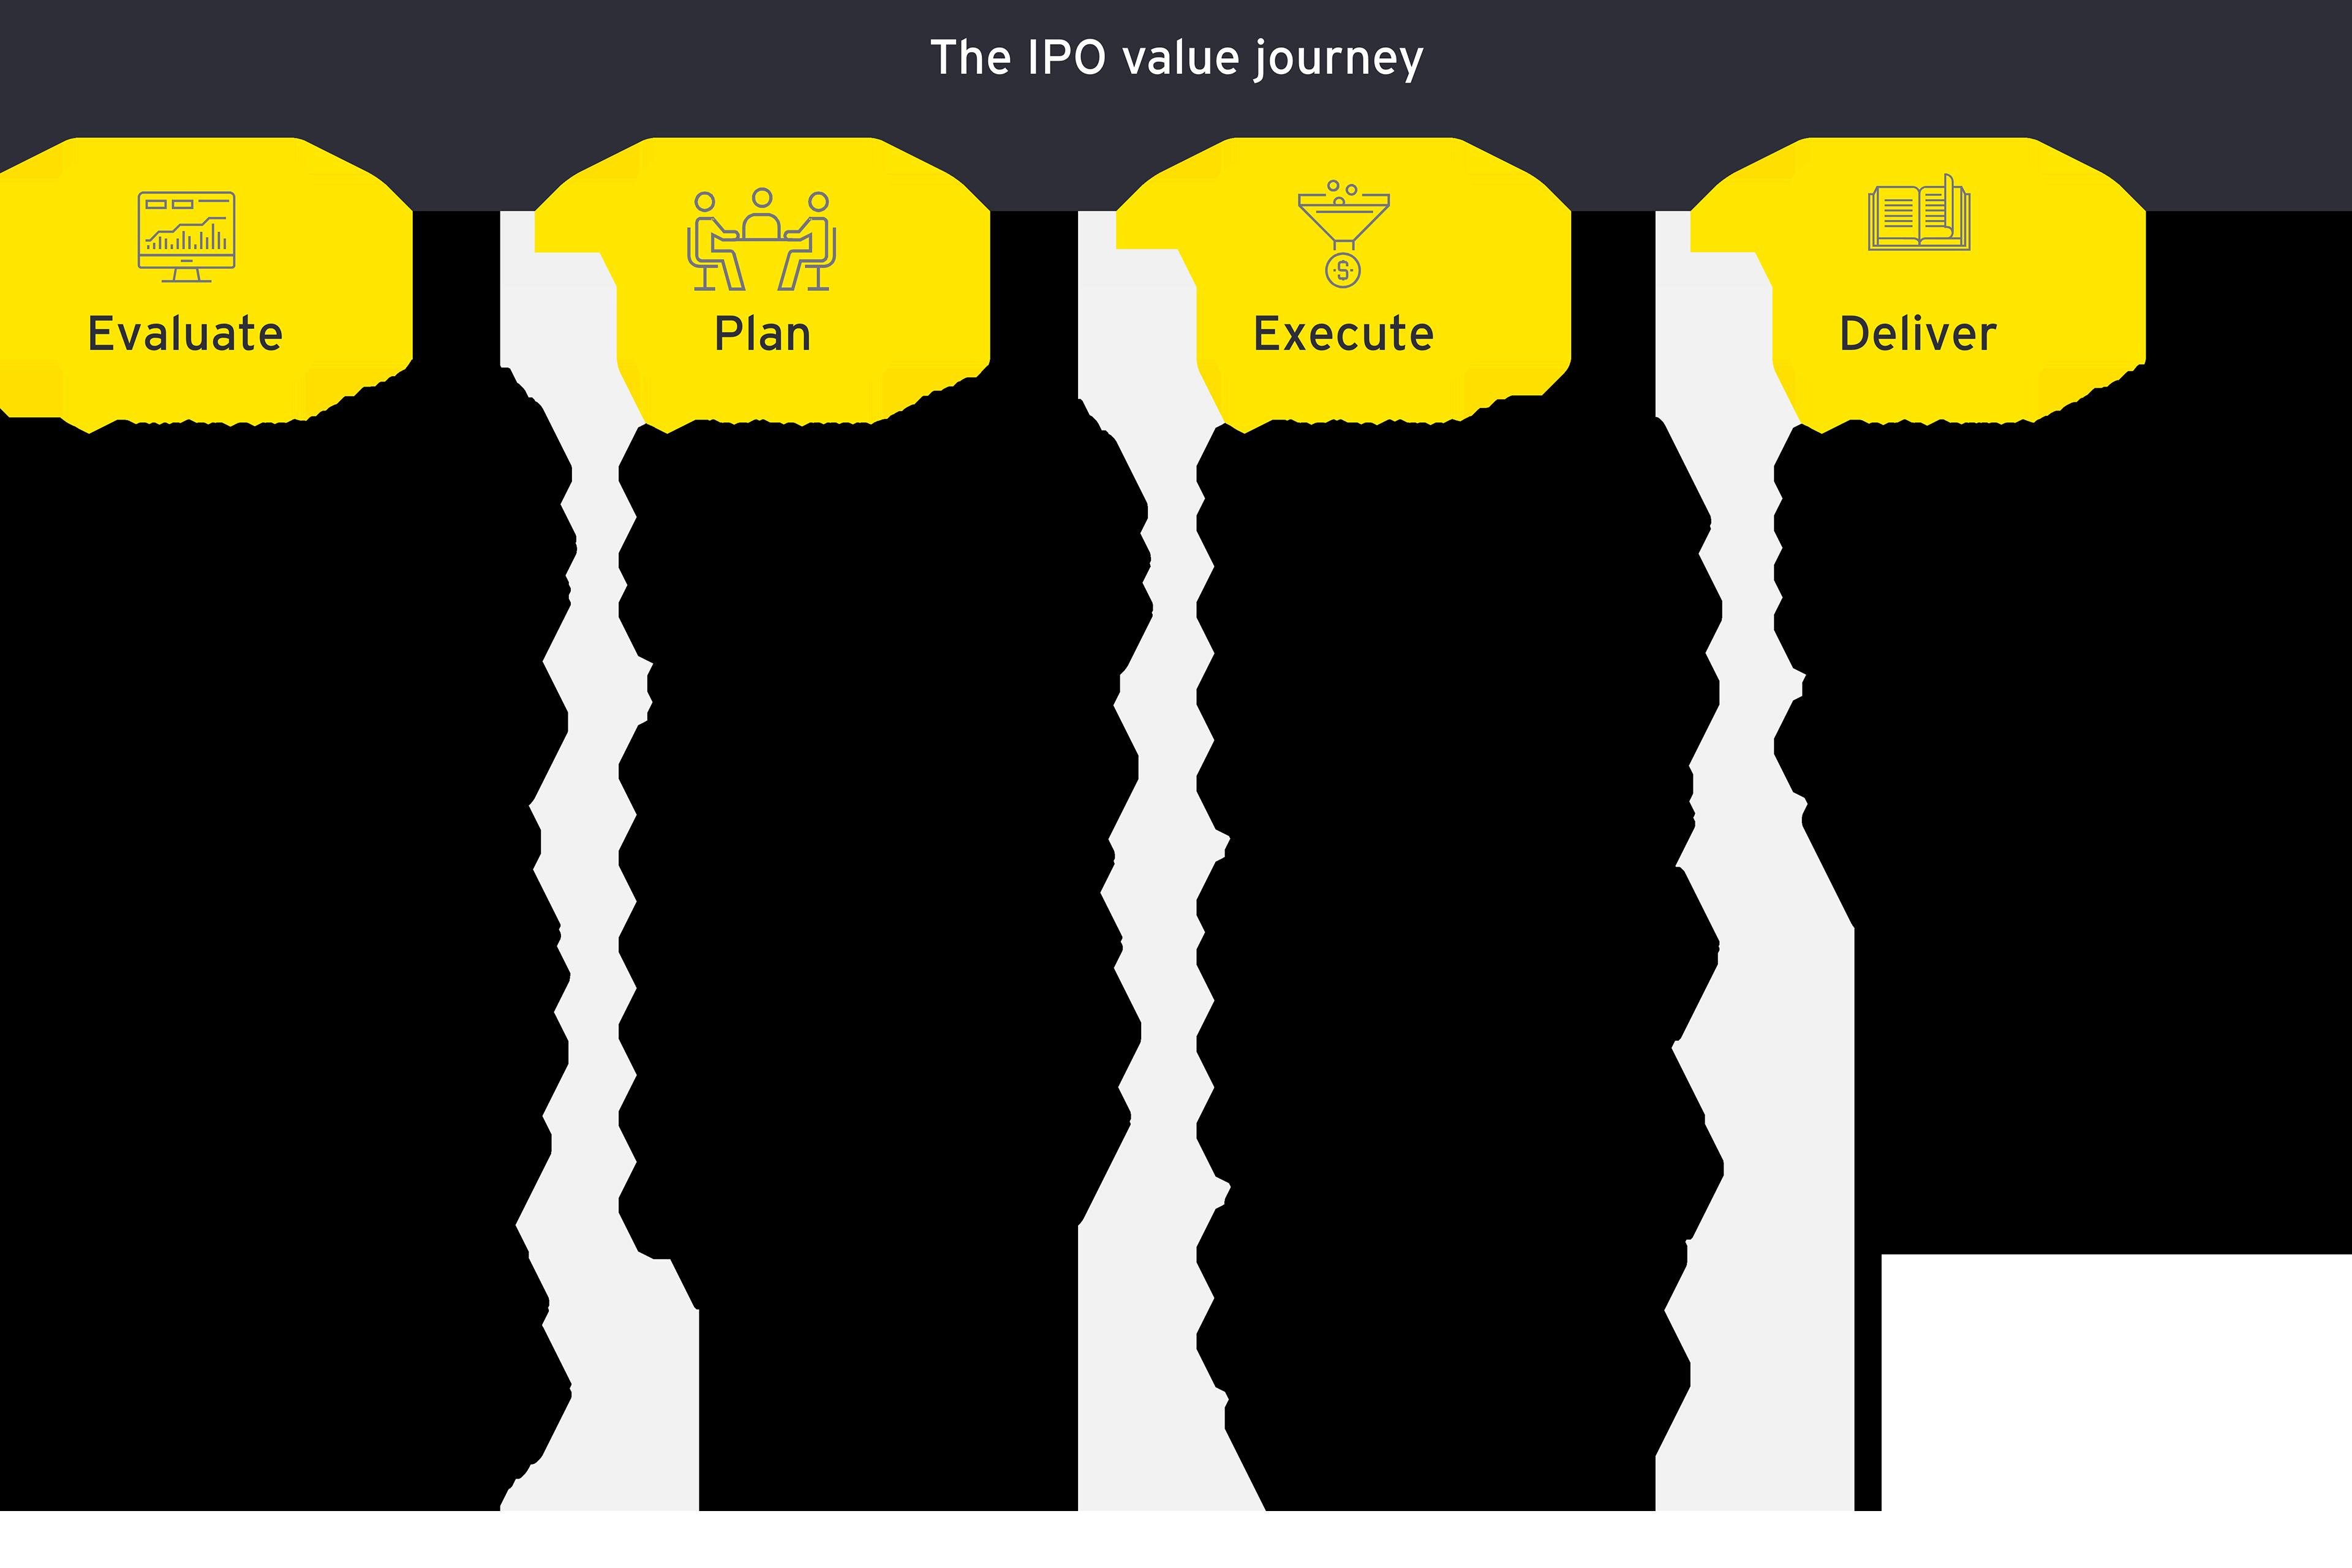 IPO Value journey